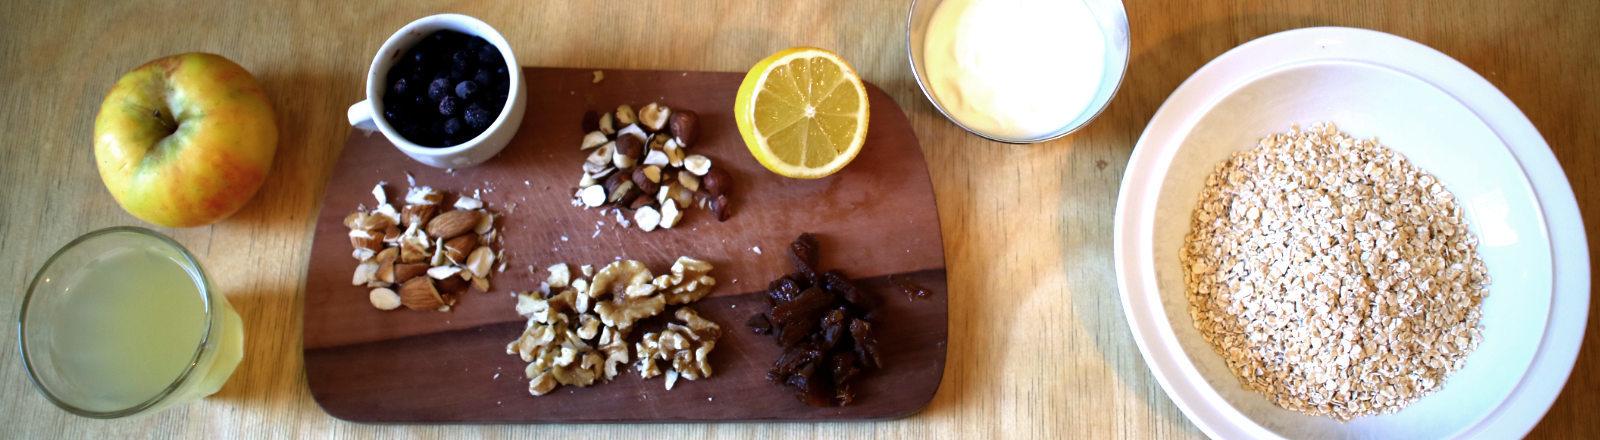 Ein Brett mit einer Tasse Kaffee und Müsli